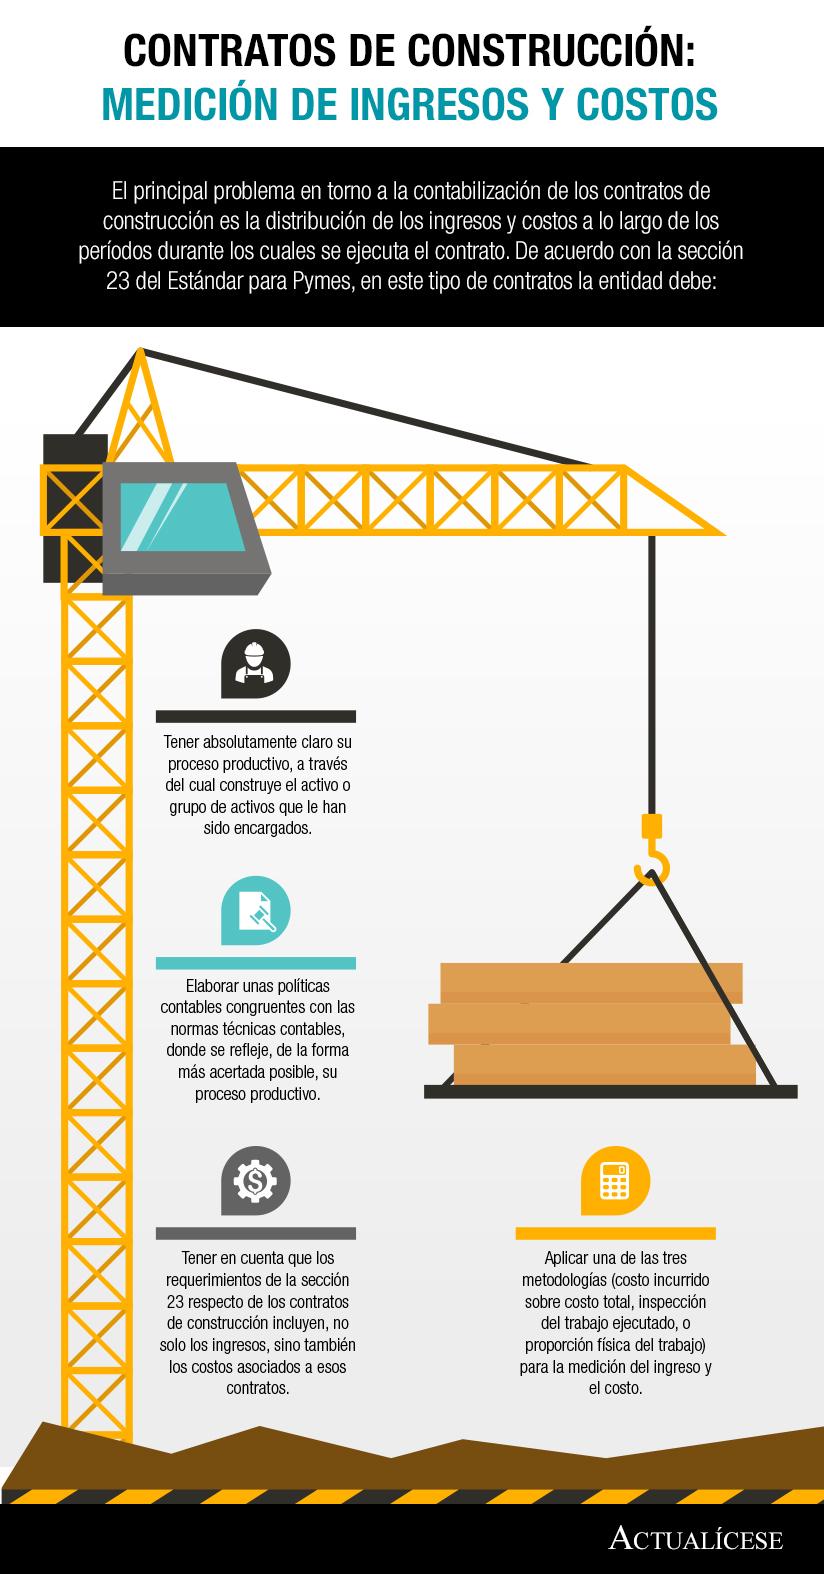 [Infografía] Contratos de construcción: medición de ingresos y costos